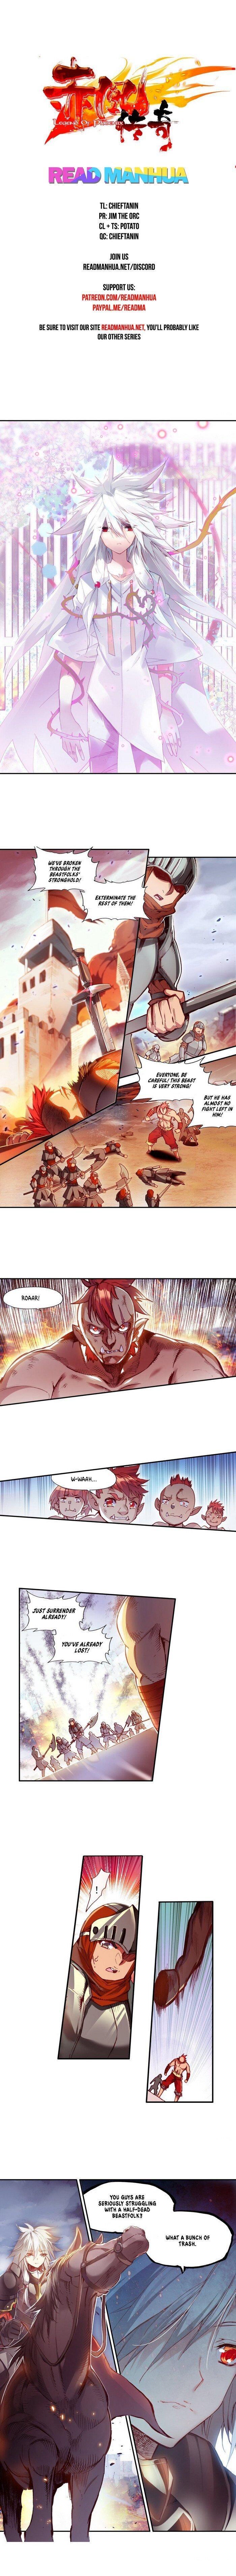 Manga Legend of Phoenix - Chapter 66 Page 1